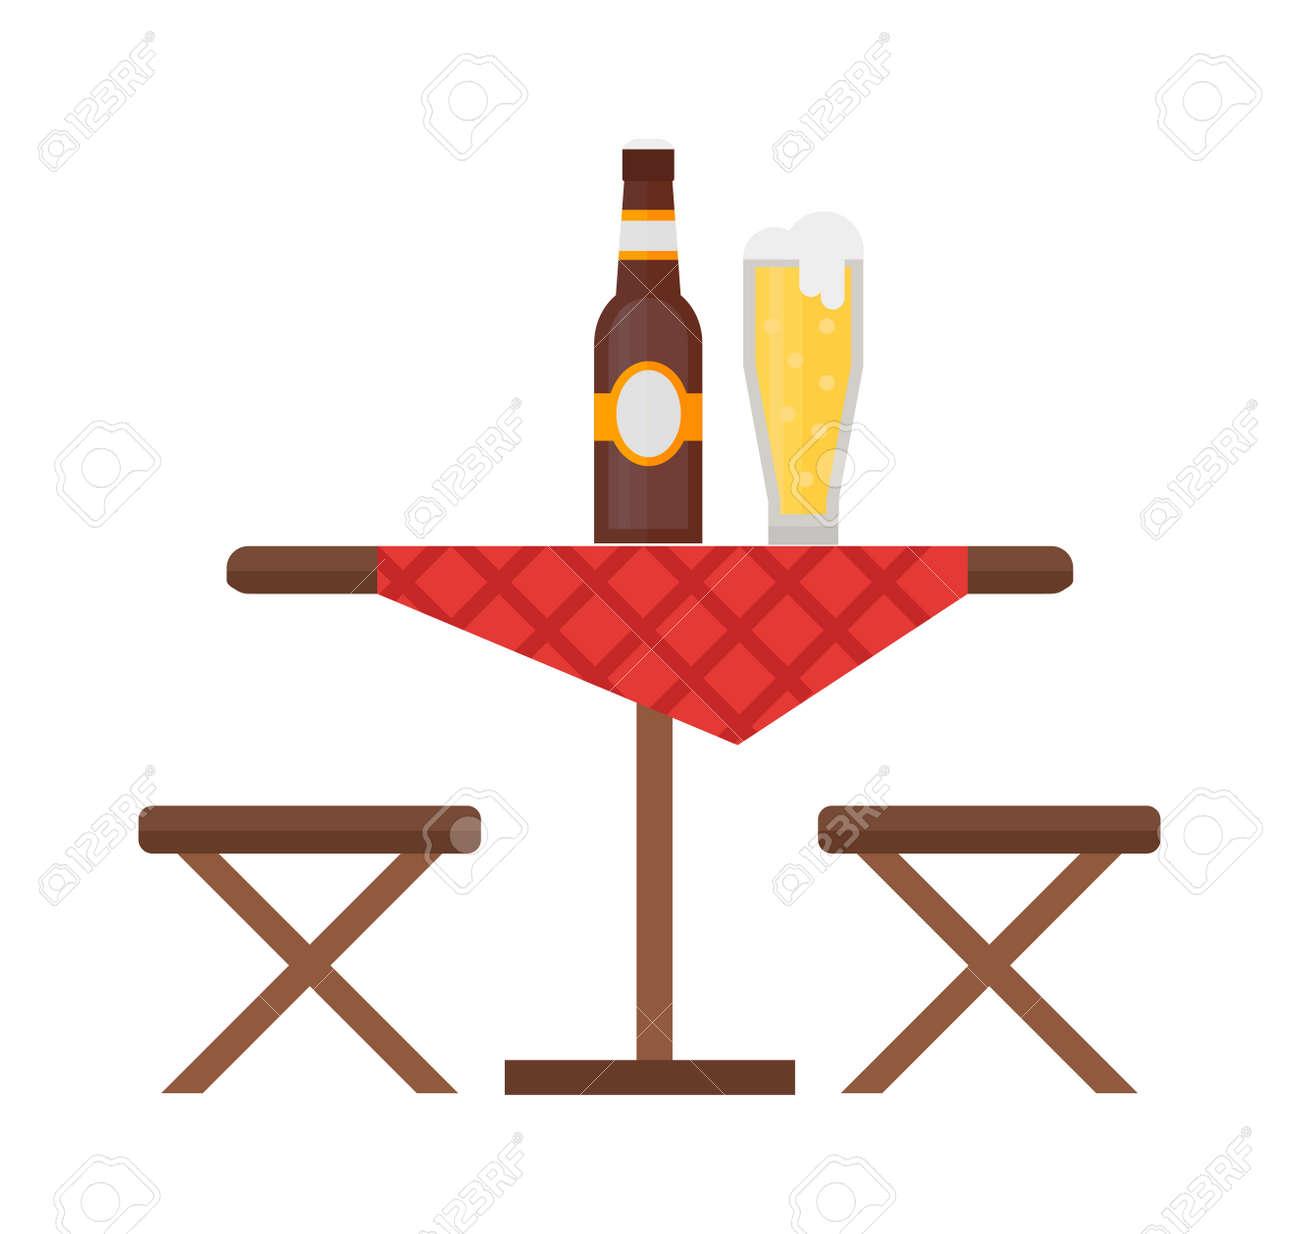 Möbel Leer cingtisch und stuhl vektor gesetzt sommer picknick freizeit